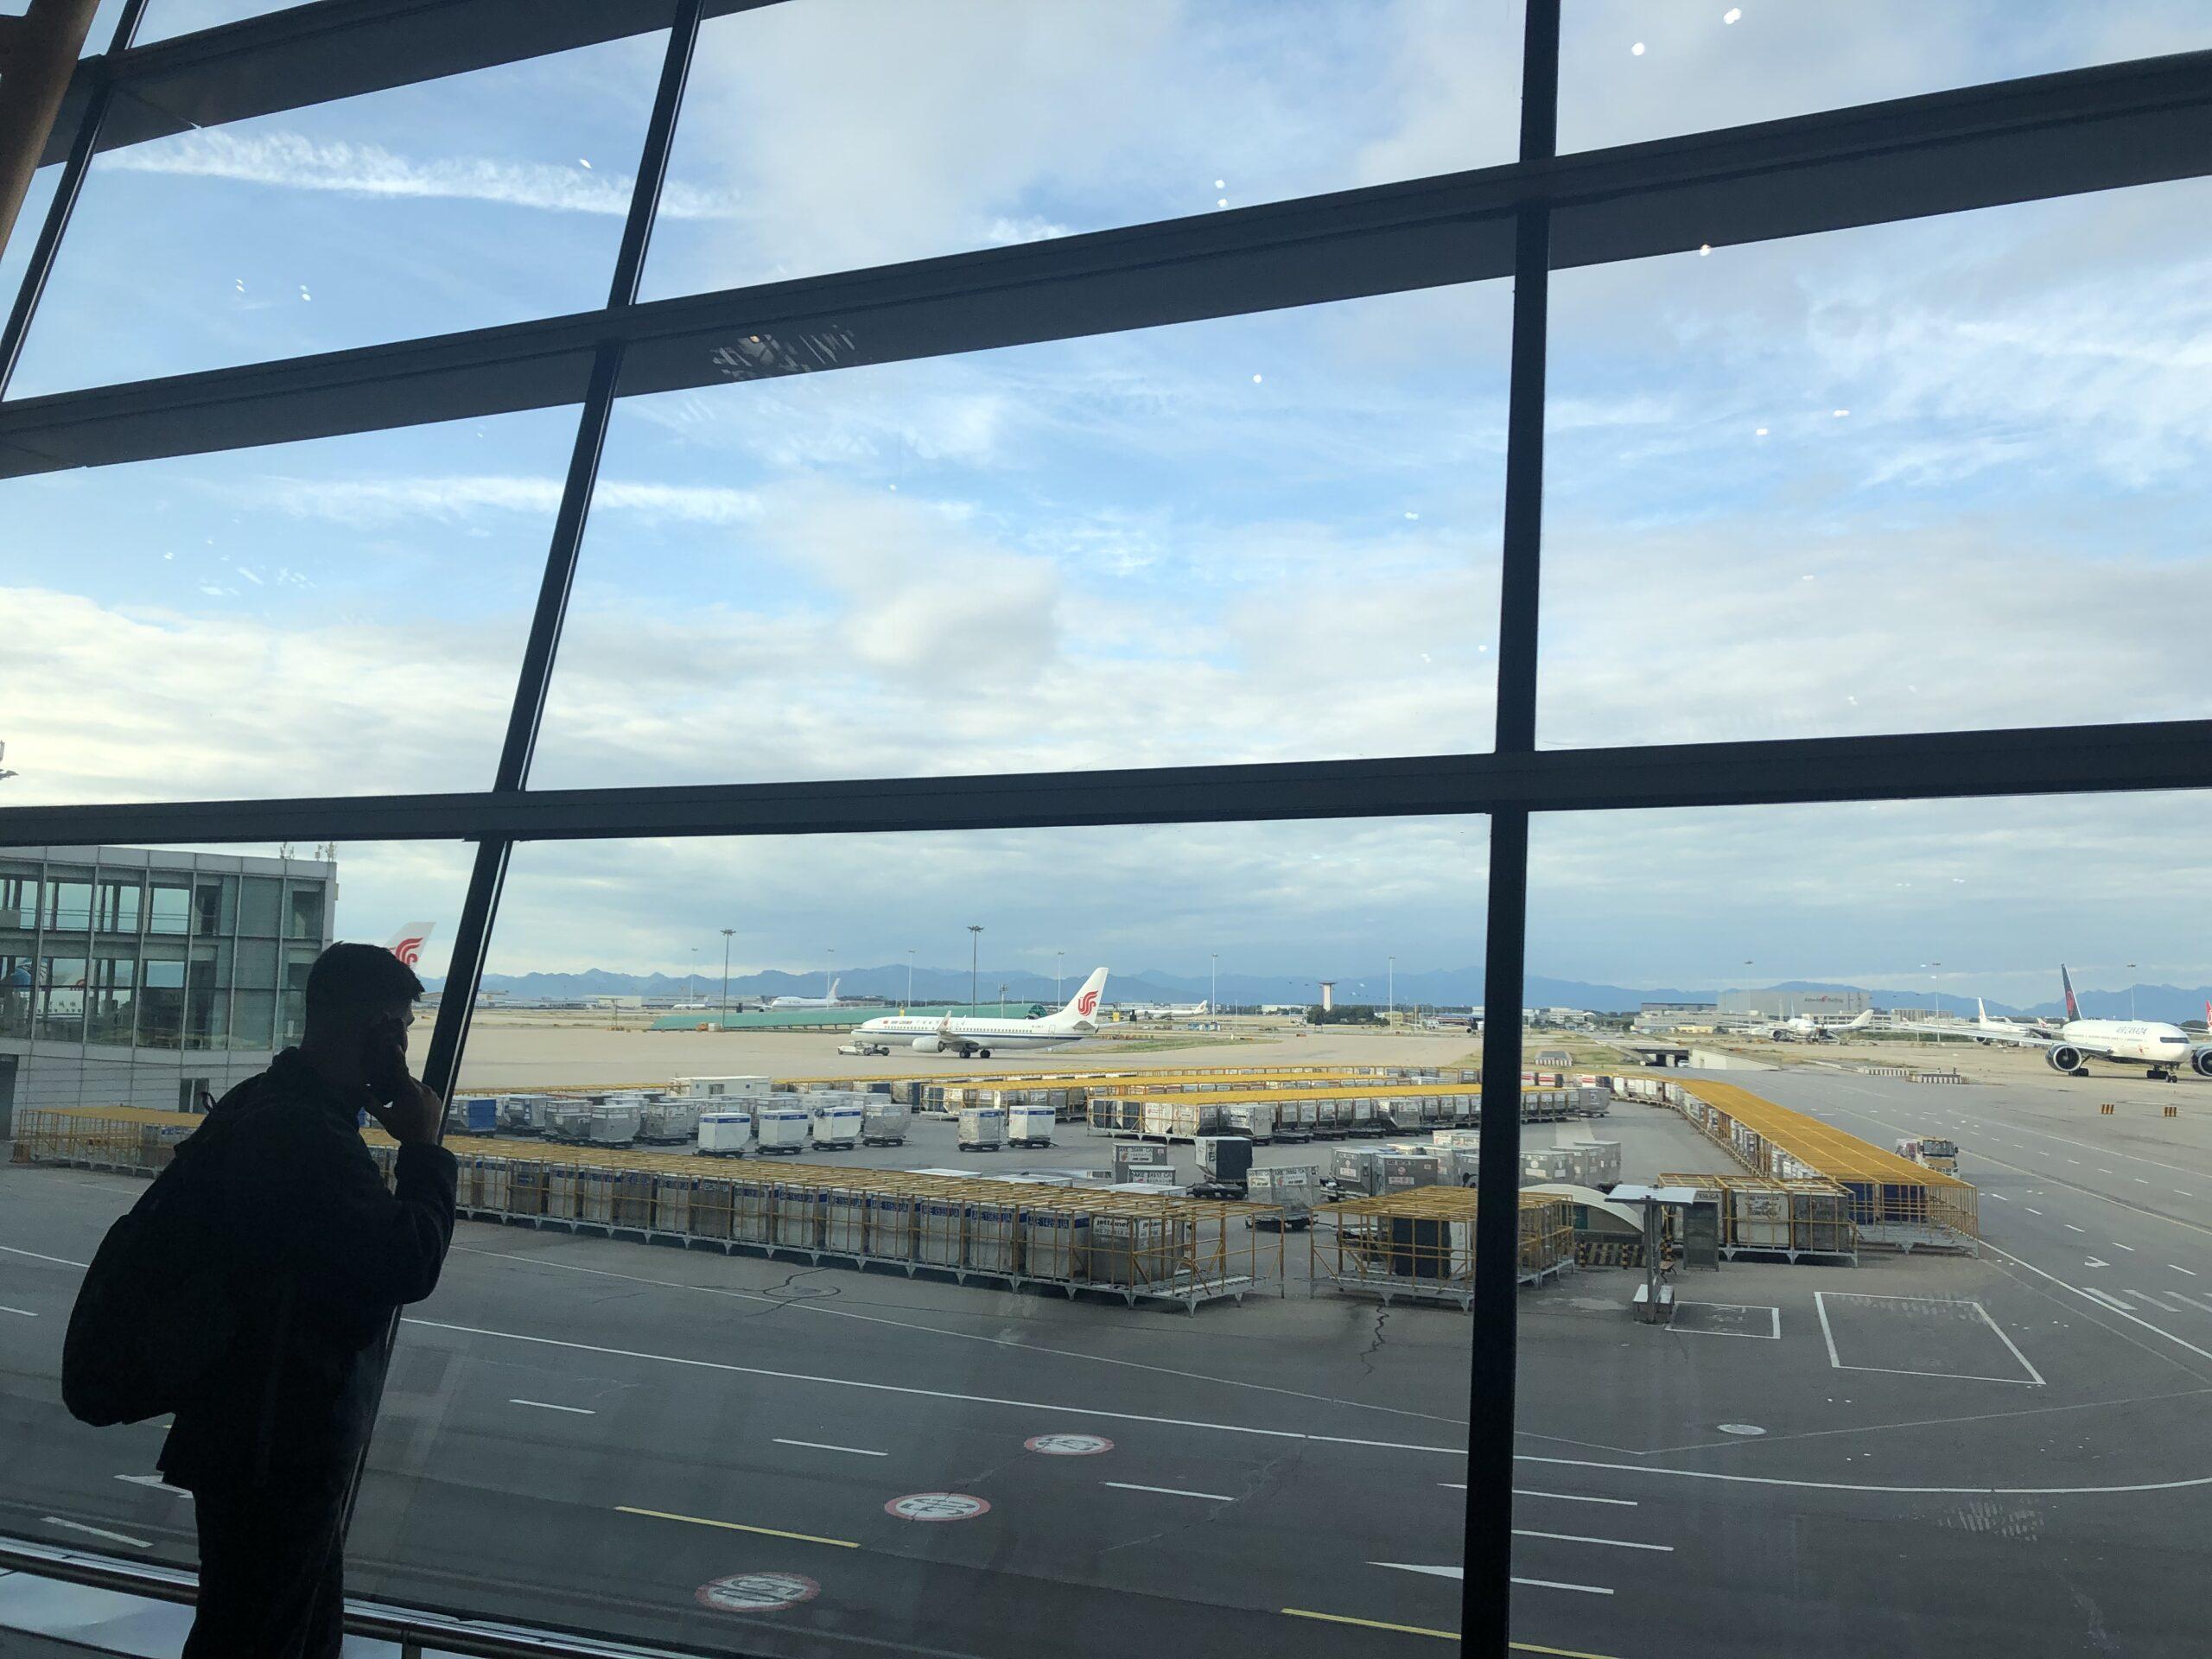 Picture overlooking Beijing airport runways